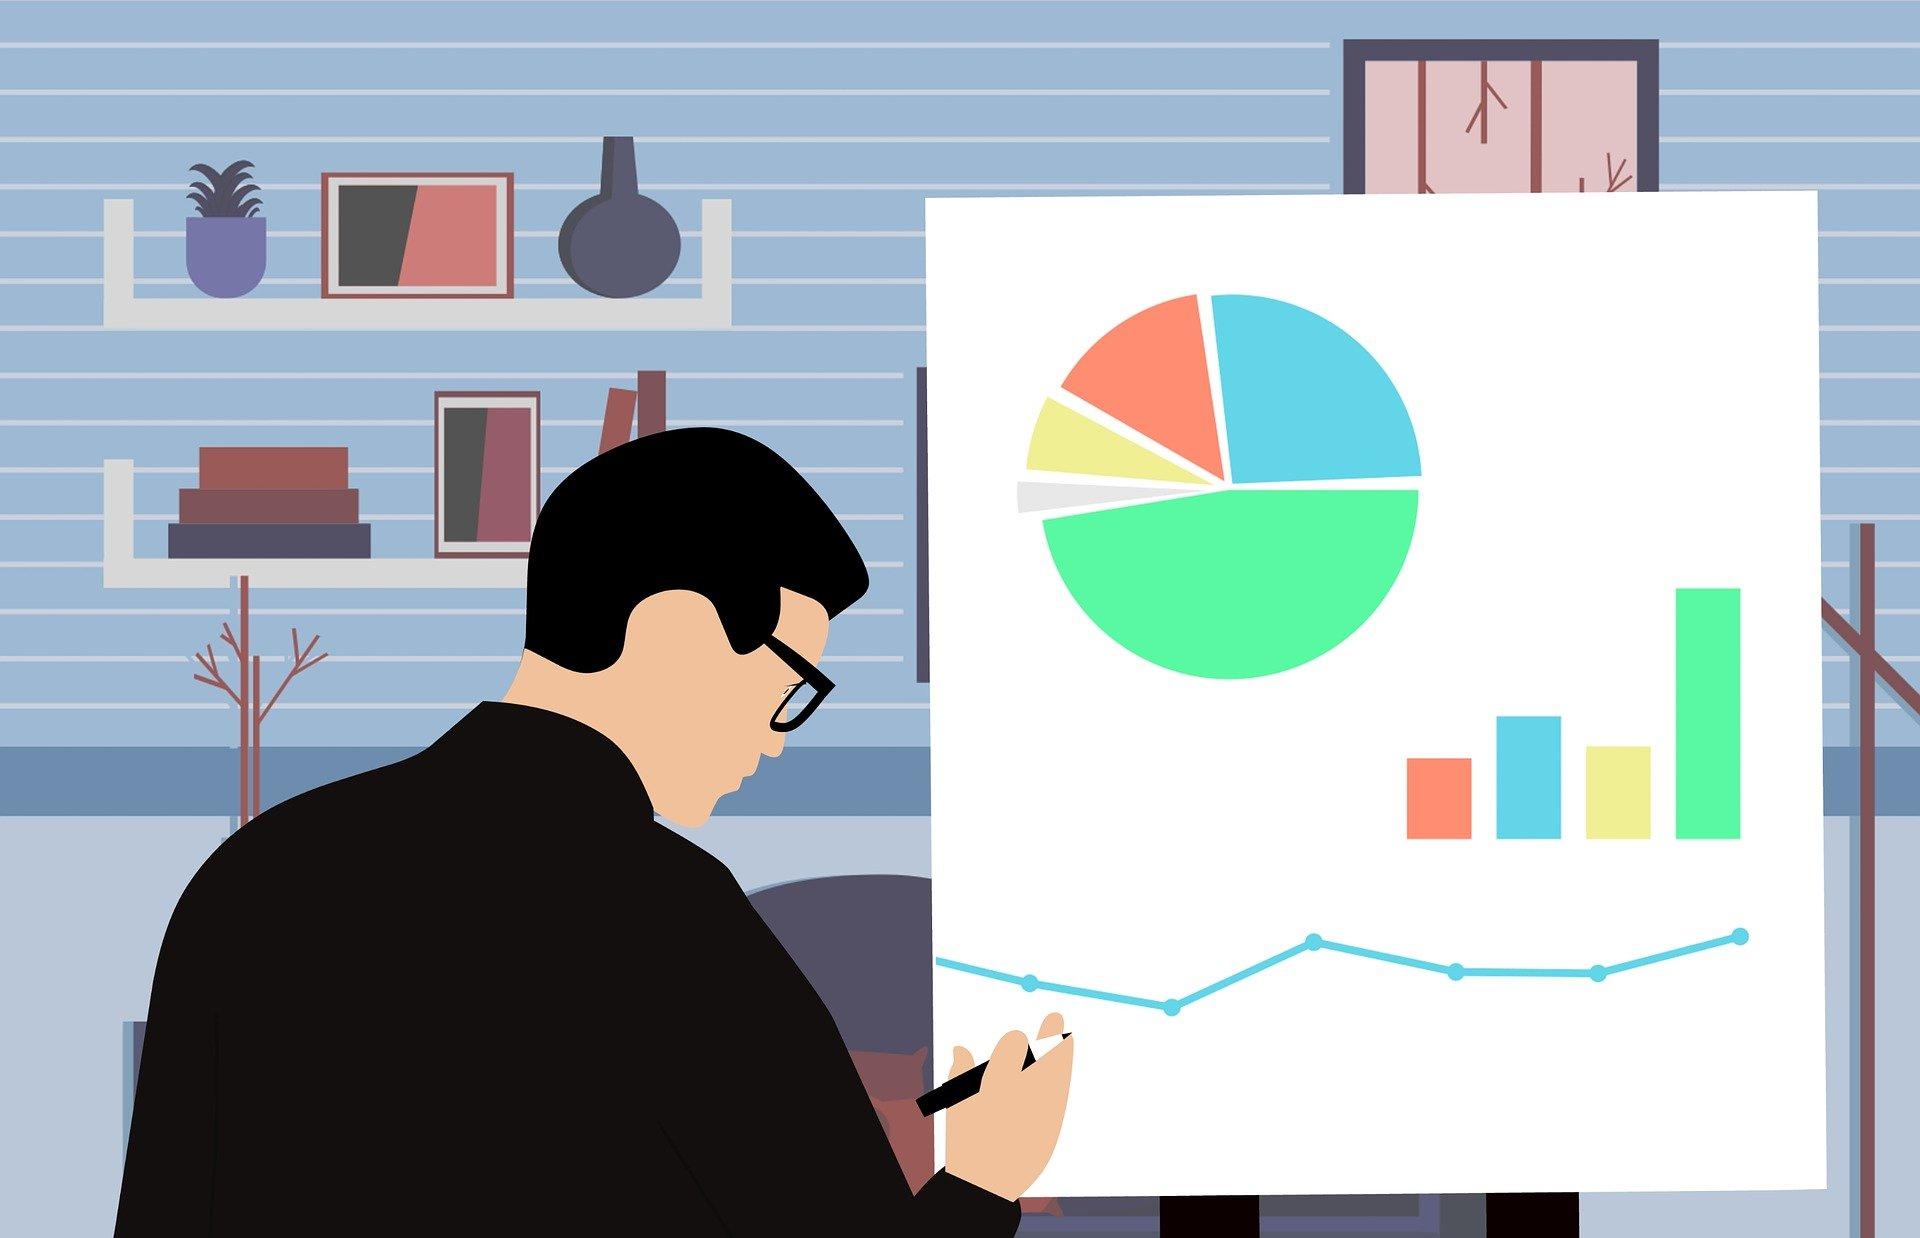 アメブロのアクセス数を研究している男性のイラスト画像